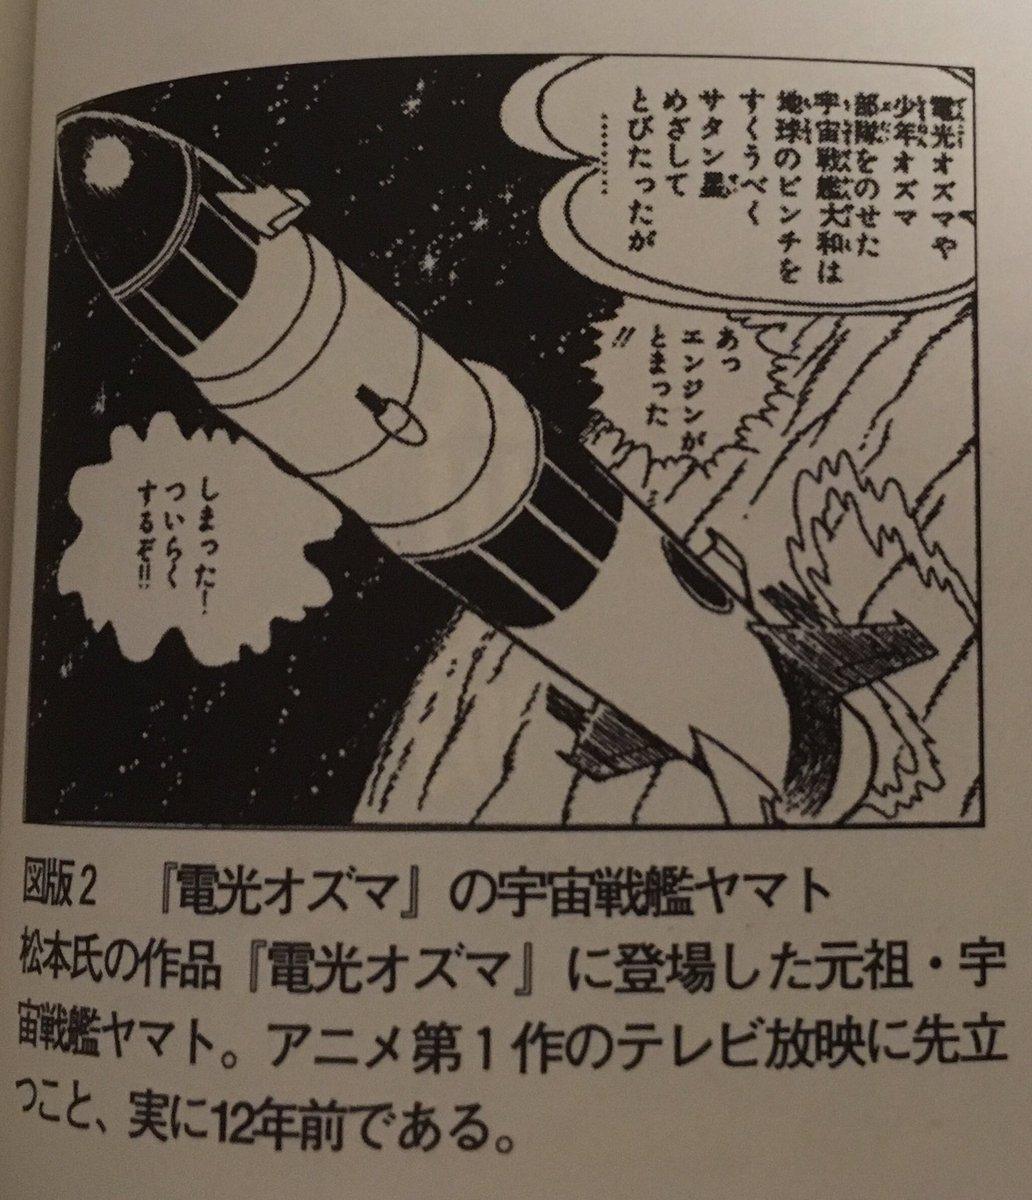 宇宙戦艦ヤマト初期構想これがあの偉大な作品の原点二人の天才の出会いが(確執もあったが)この作品を偉大にさせた#宇宙戦艦ヤ